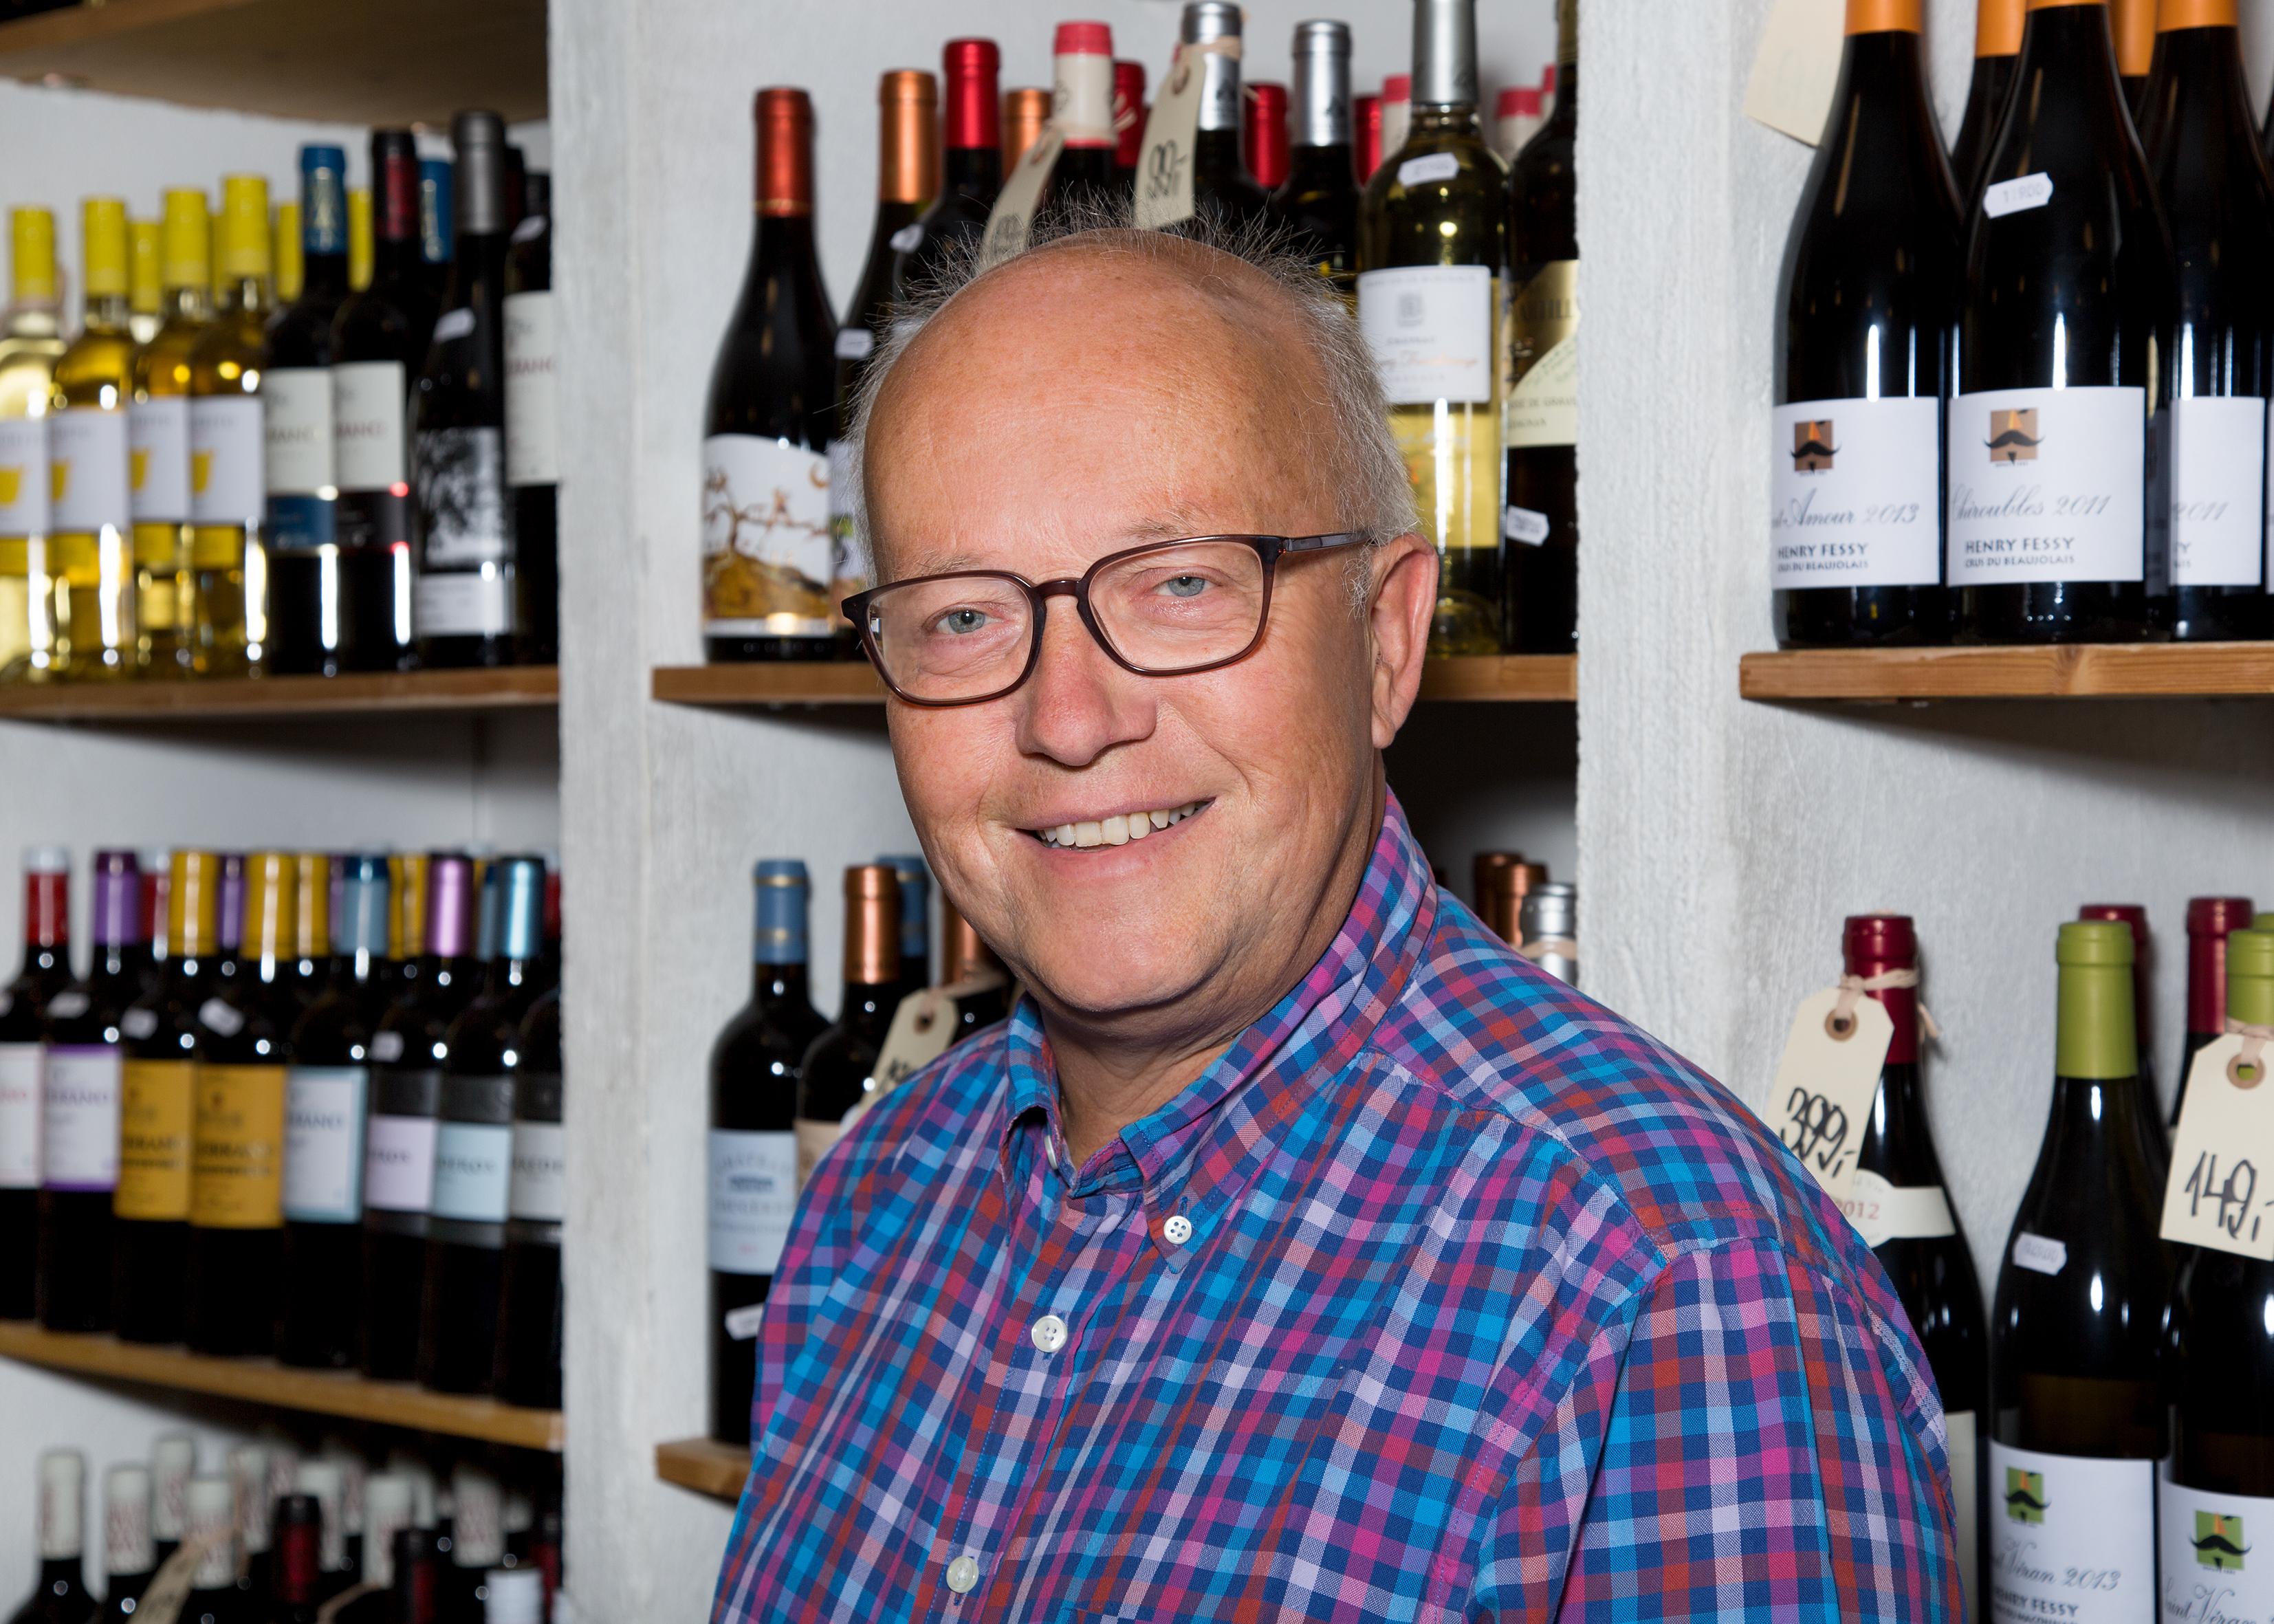 Jens Moesgaard Leth